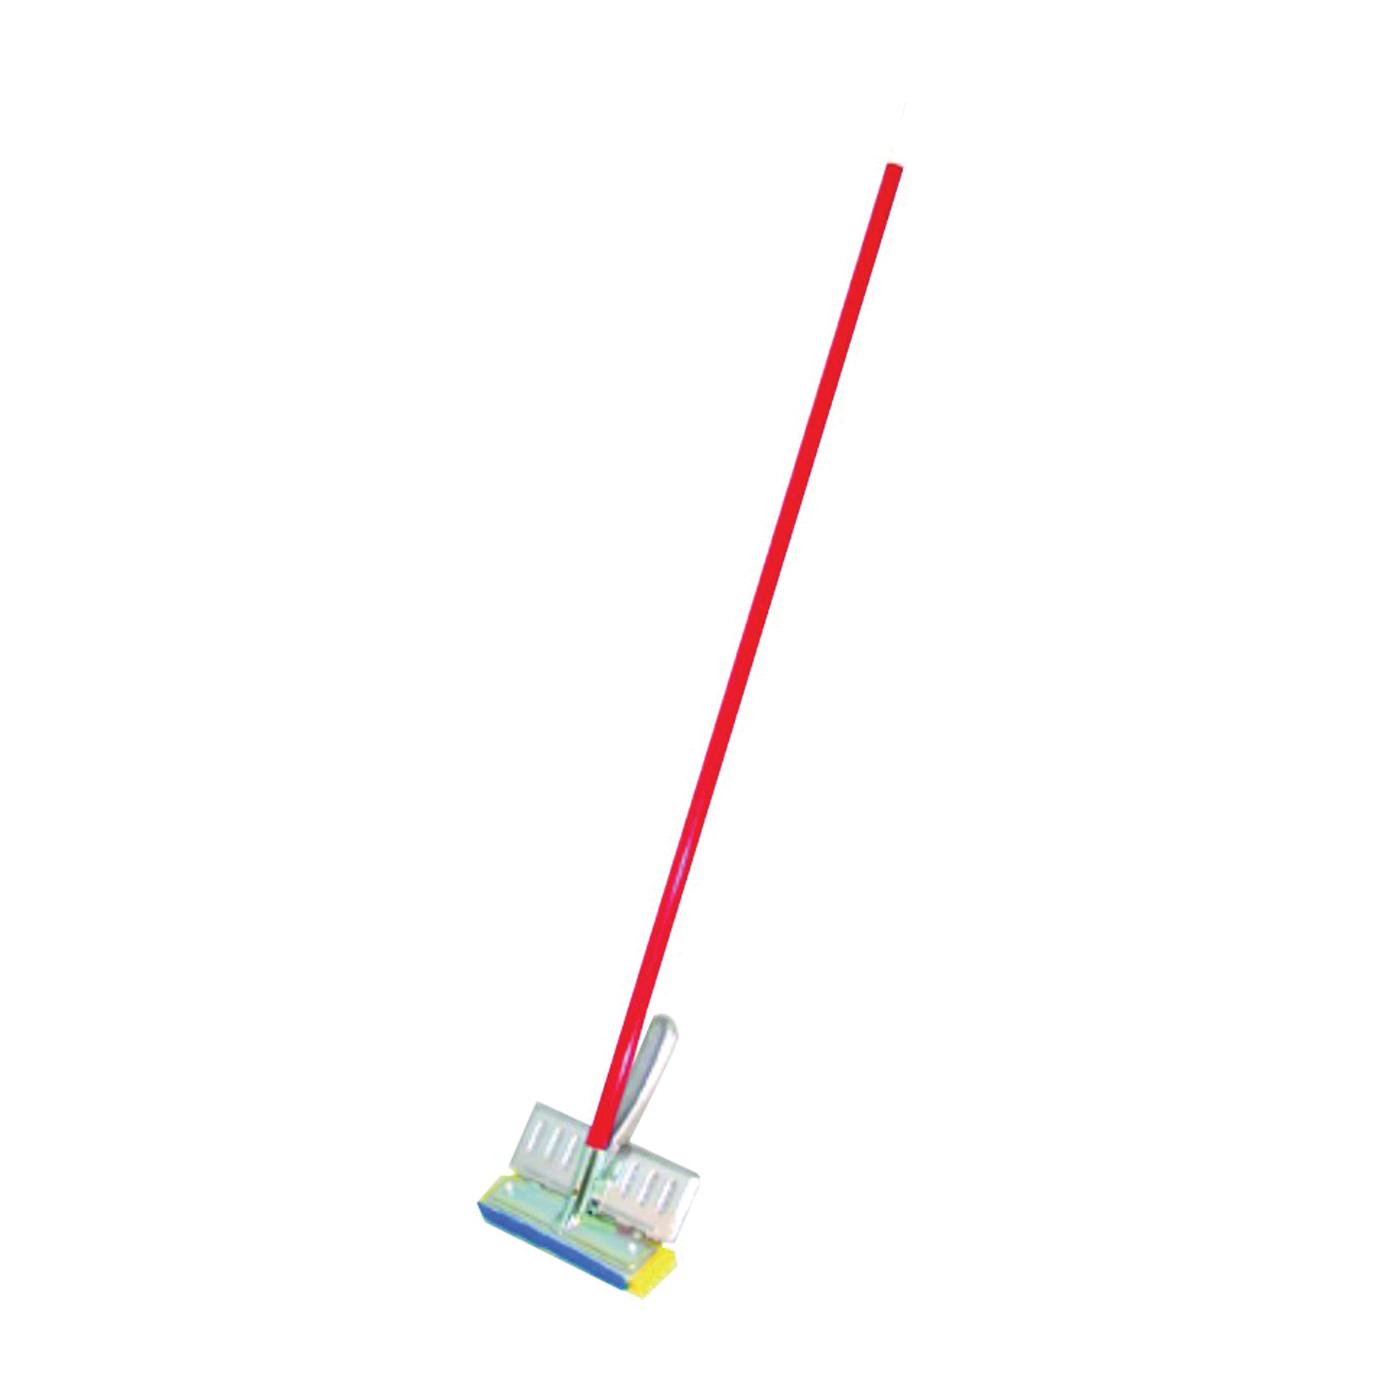 Picture of BIRDWELL 529-4 Sponge Mop, Cellulose Sponge Mop Head, Metal Handle